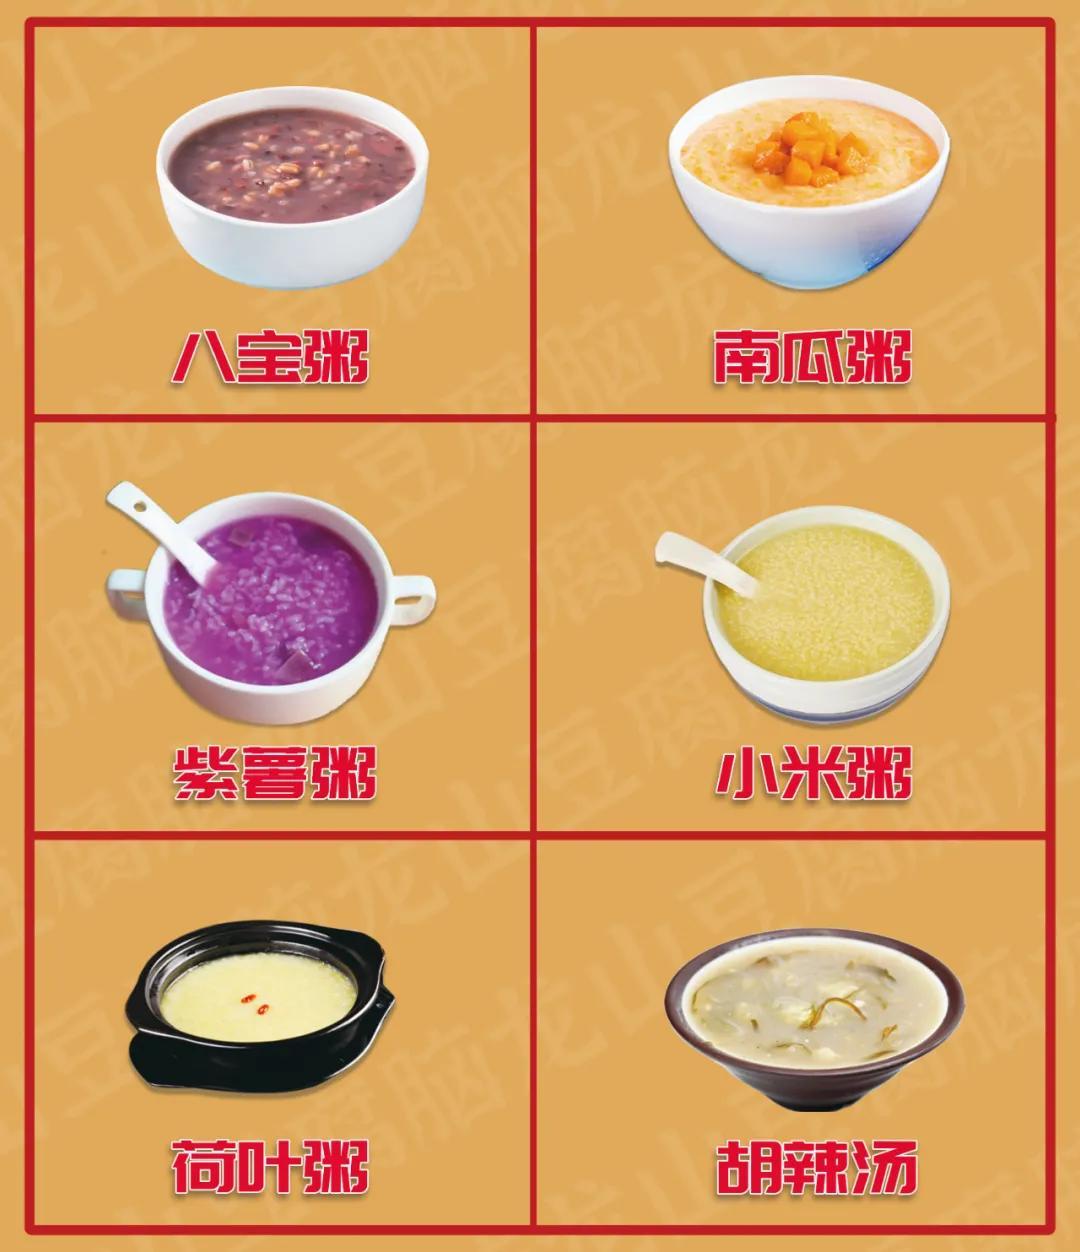 龙山豆腐脑